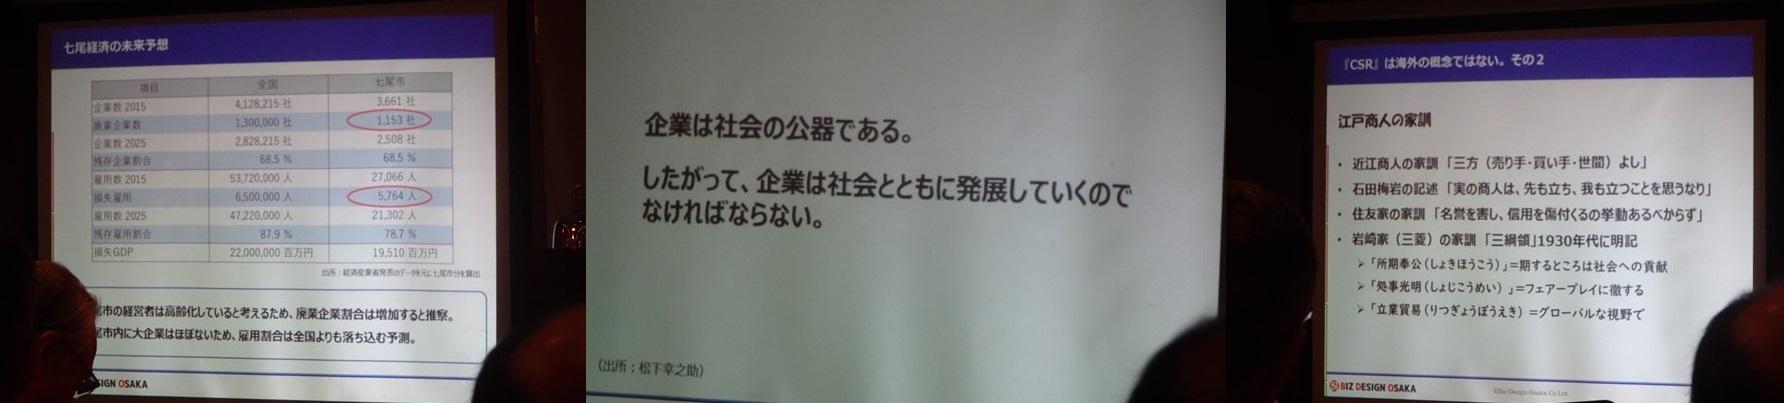 b0115629_14584462.jpg